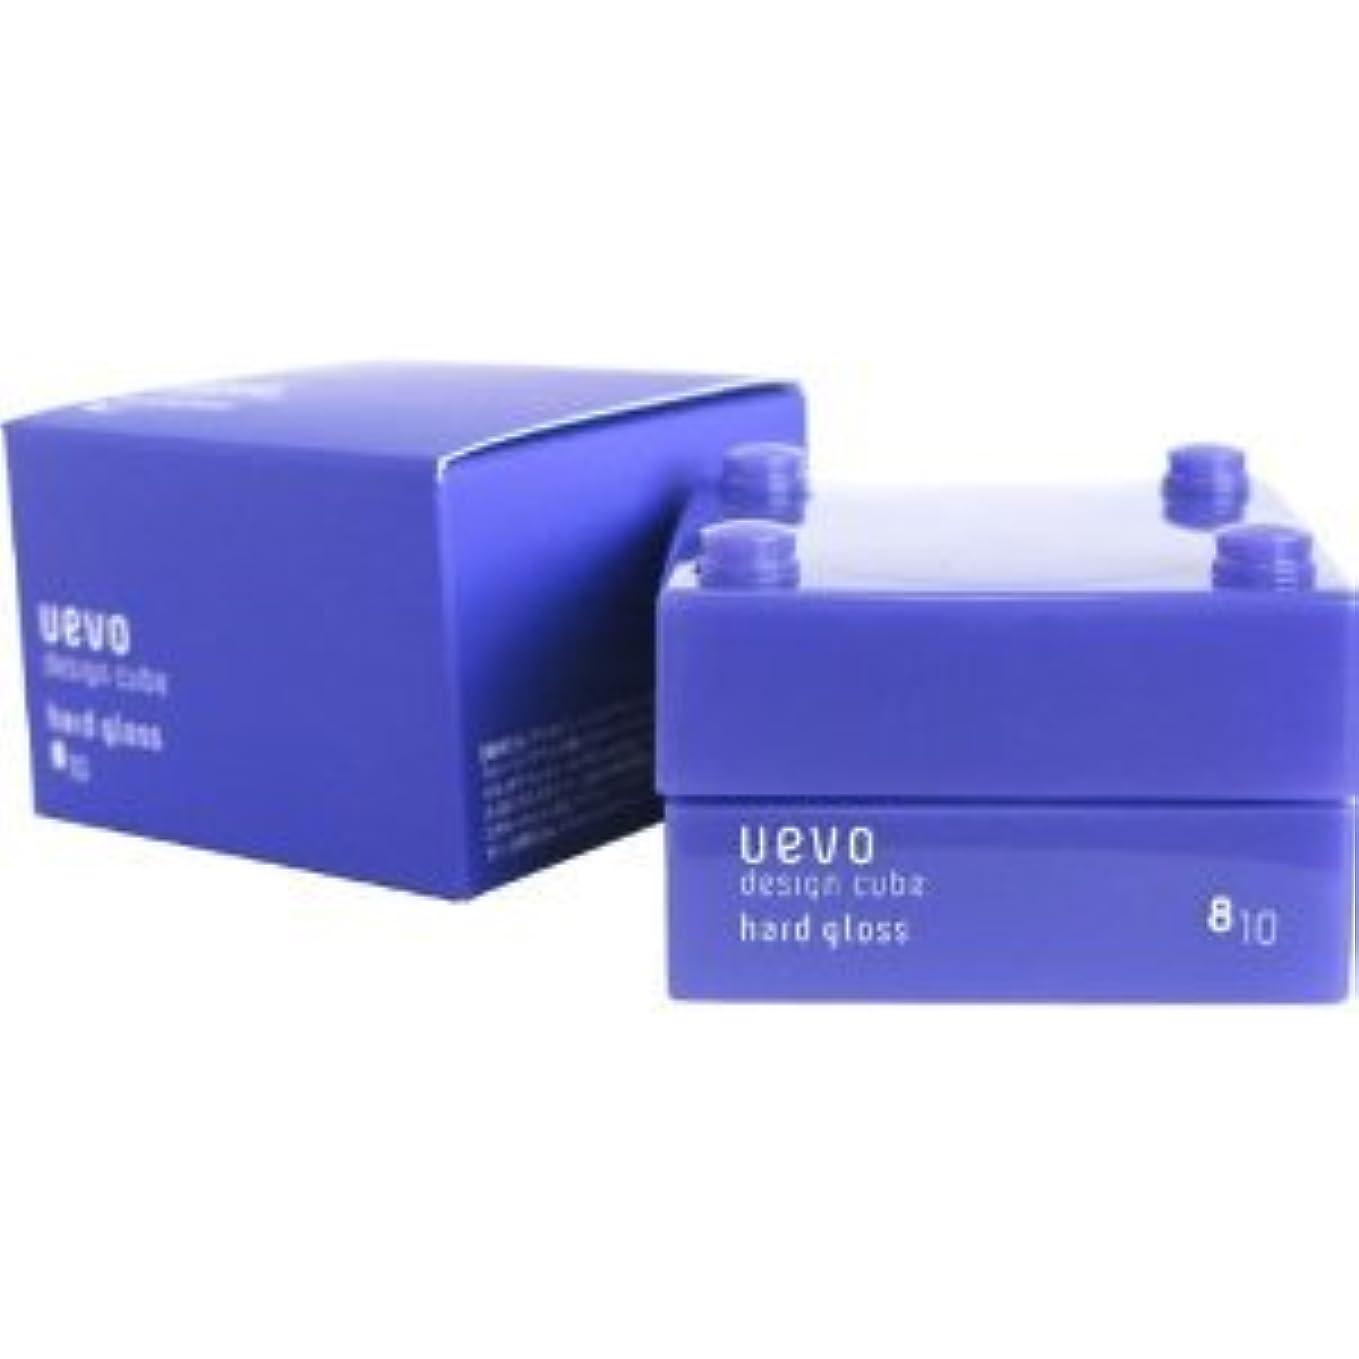 に話すファイナンス信者【X2個セット】 デミ ウェーボ デザインキューブ ハードグロス 30g hard gloss DEMI uevo design cube